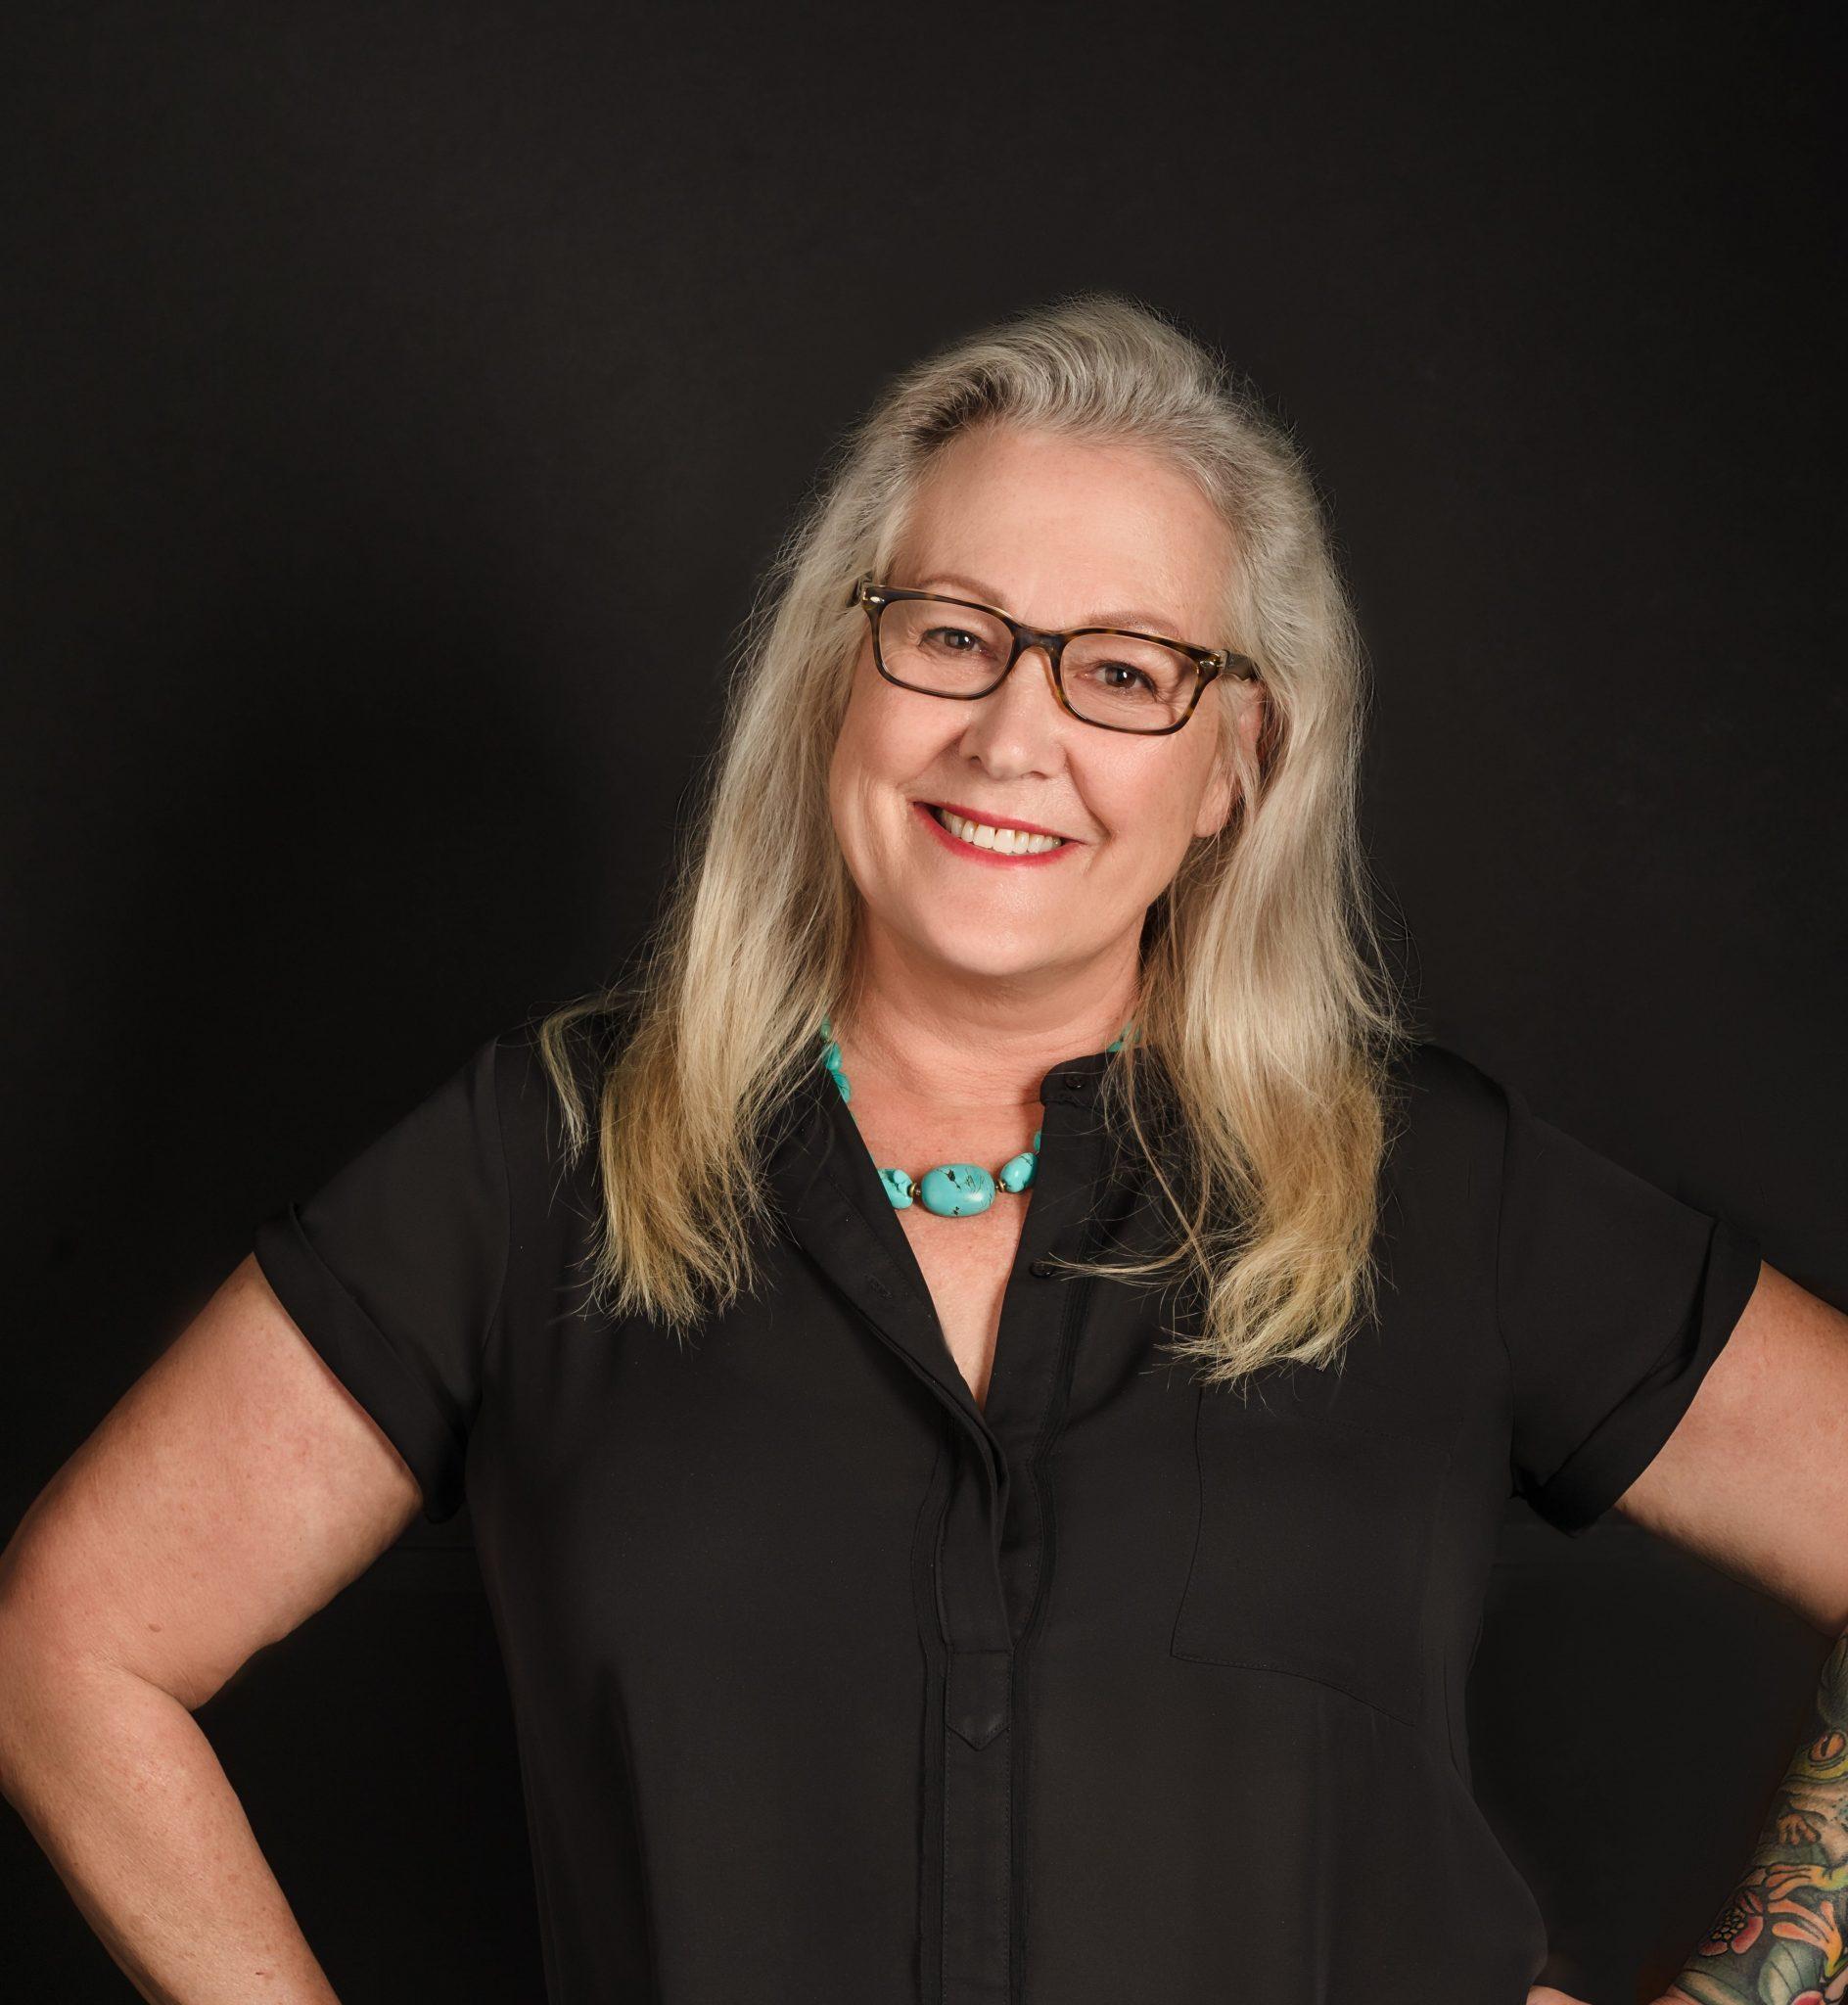 Headshot of Linda Waczkowski